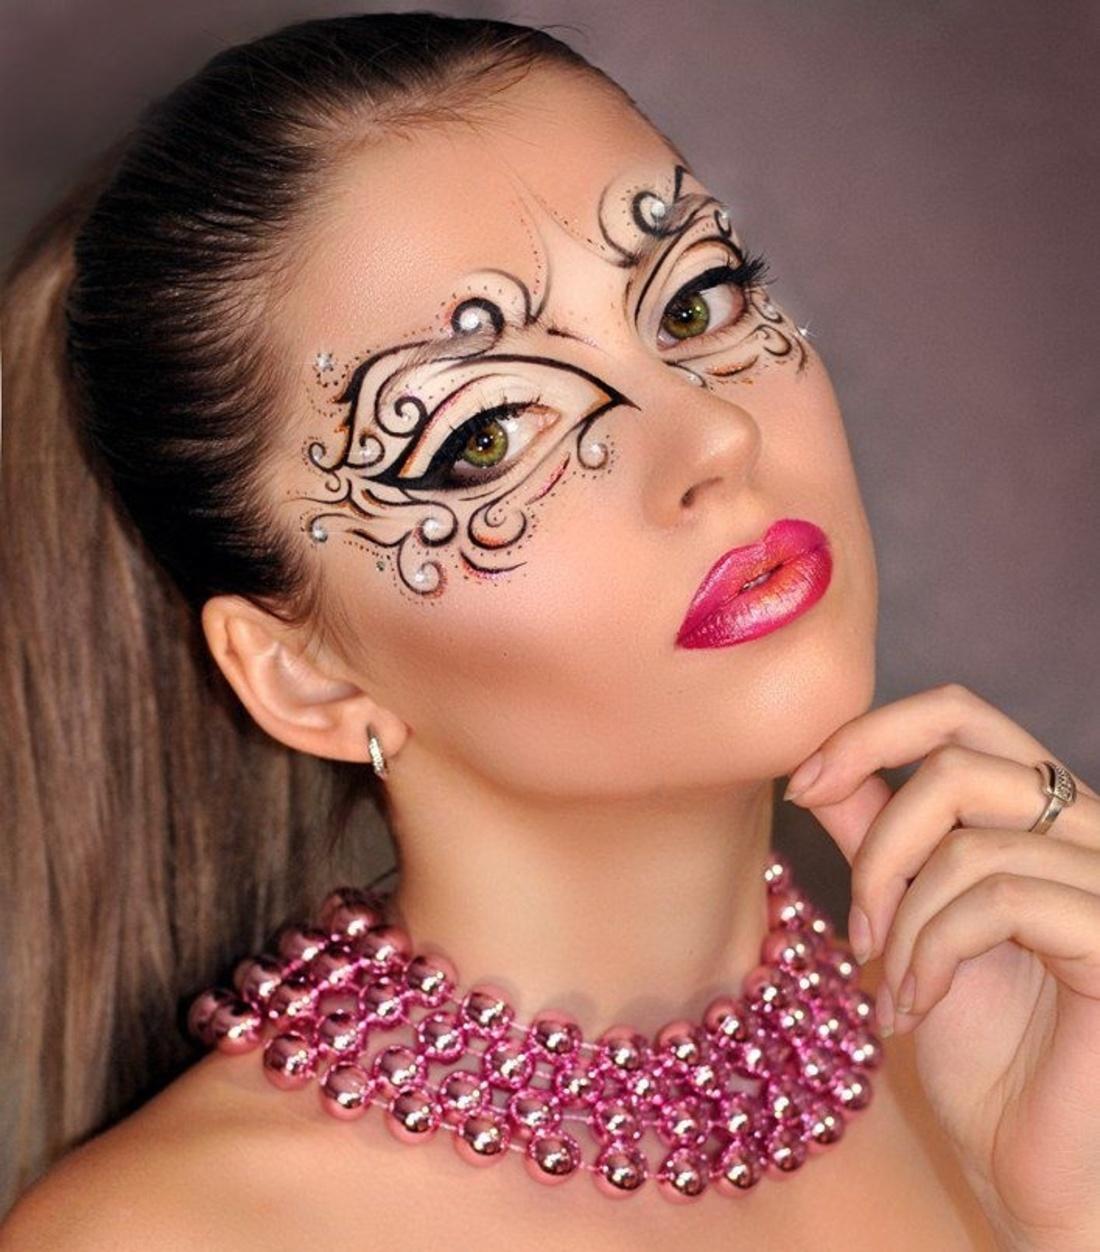 Бодиарт на лице макияж